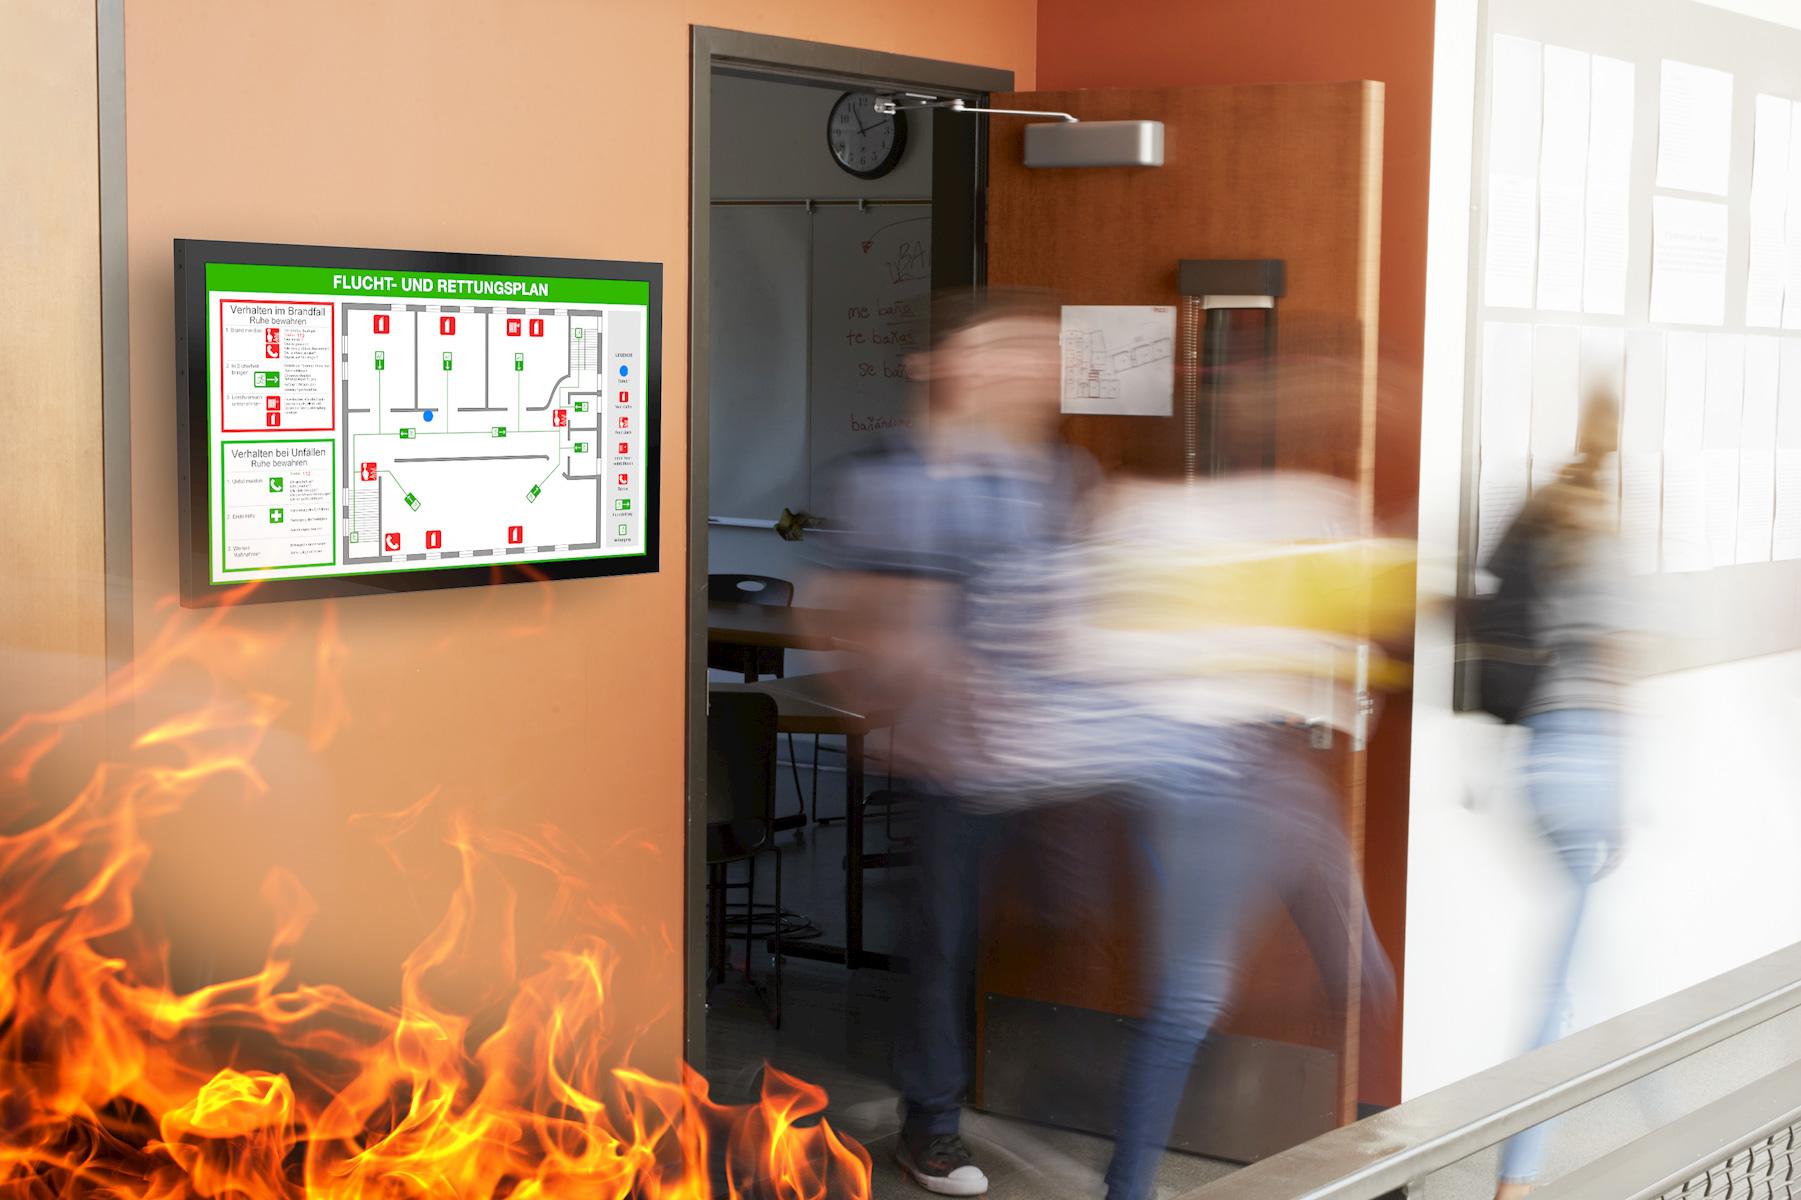 Brandschutzdisplay mit Fluchtplan in Schulgebäude